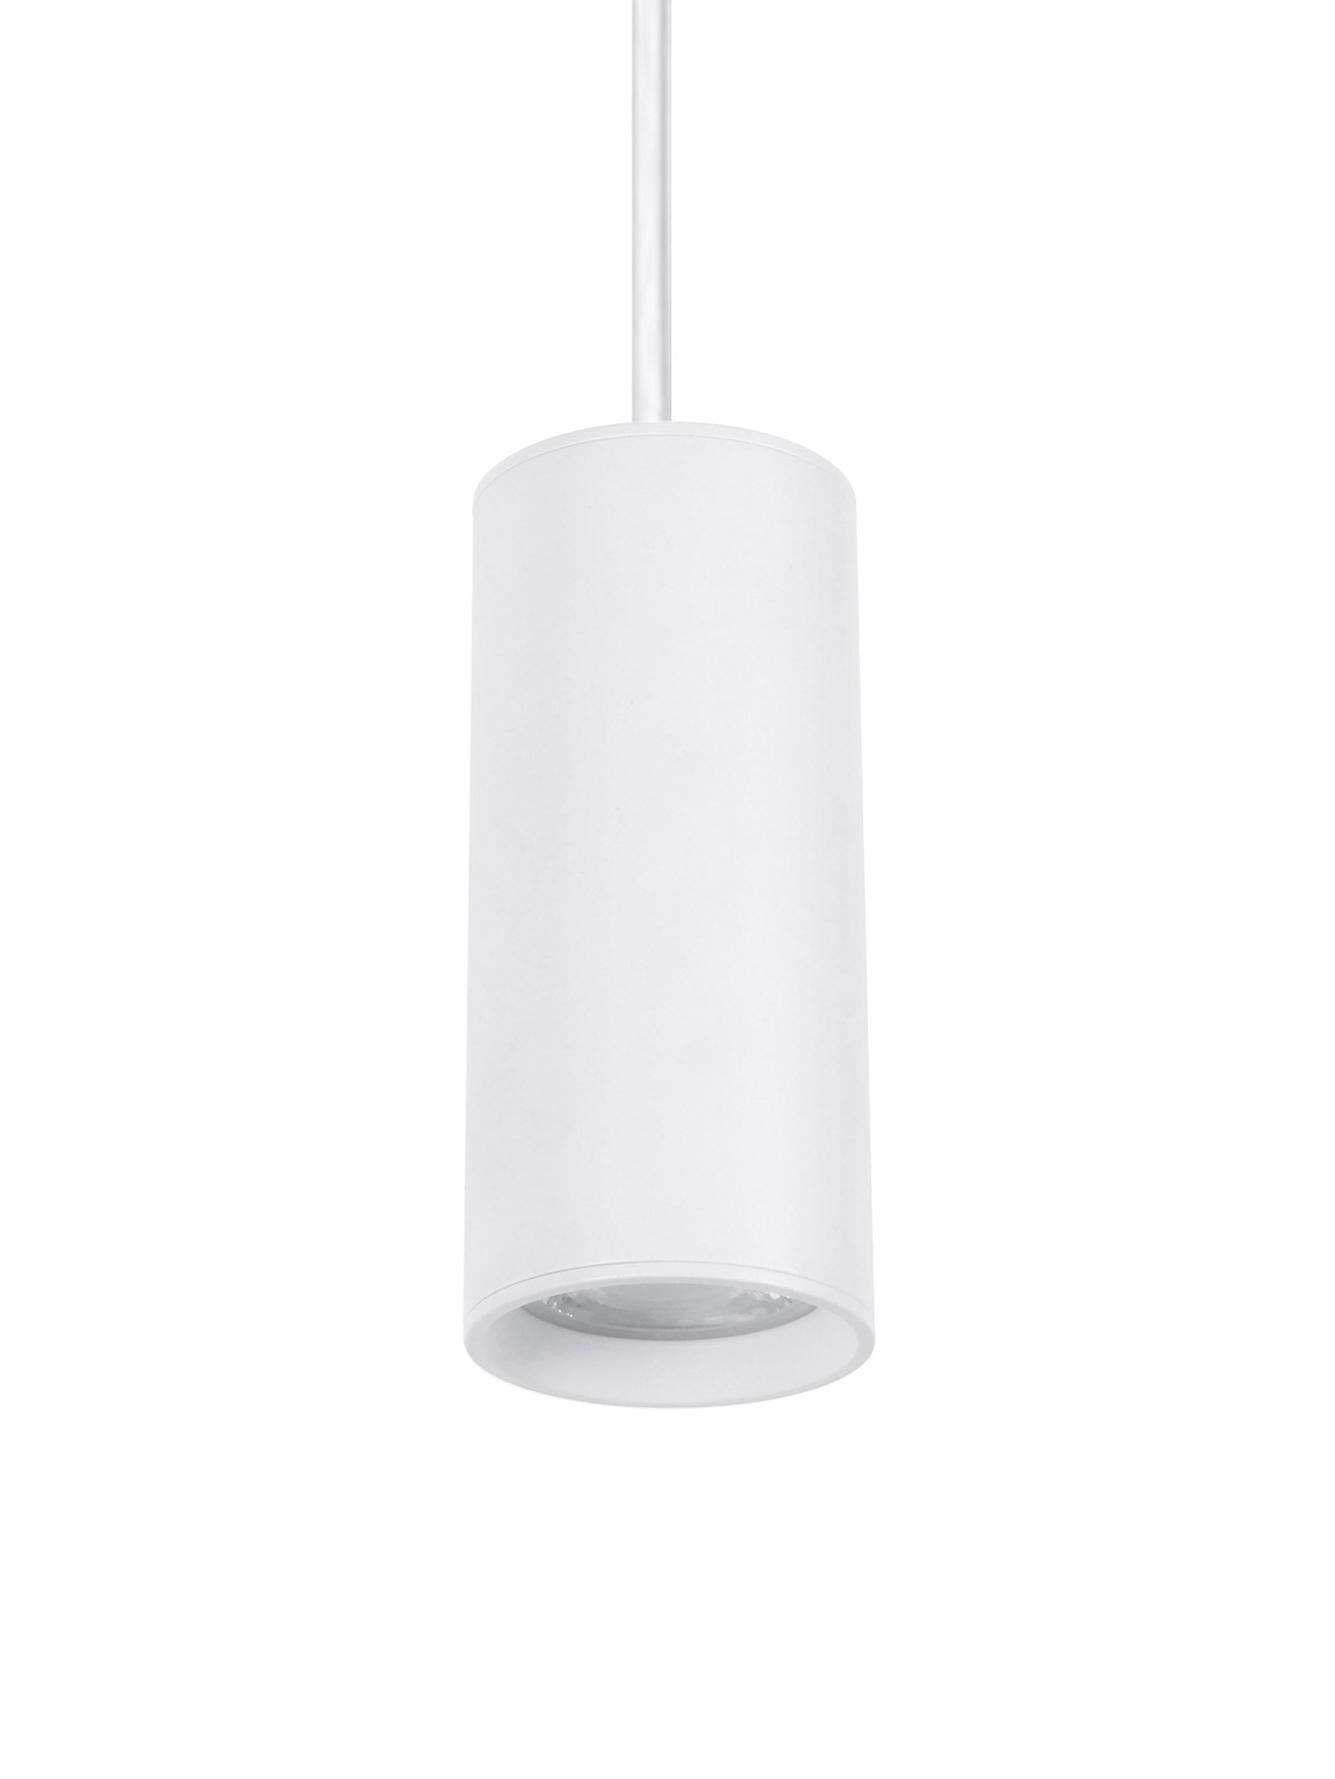 Lampada a sospensione bianca Aila, Paralume: alluminio rivestito, Baldacchino: alluminio rivestito, Bianco, Ø 6 x Alt. 120 cm